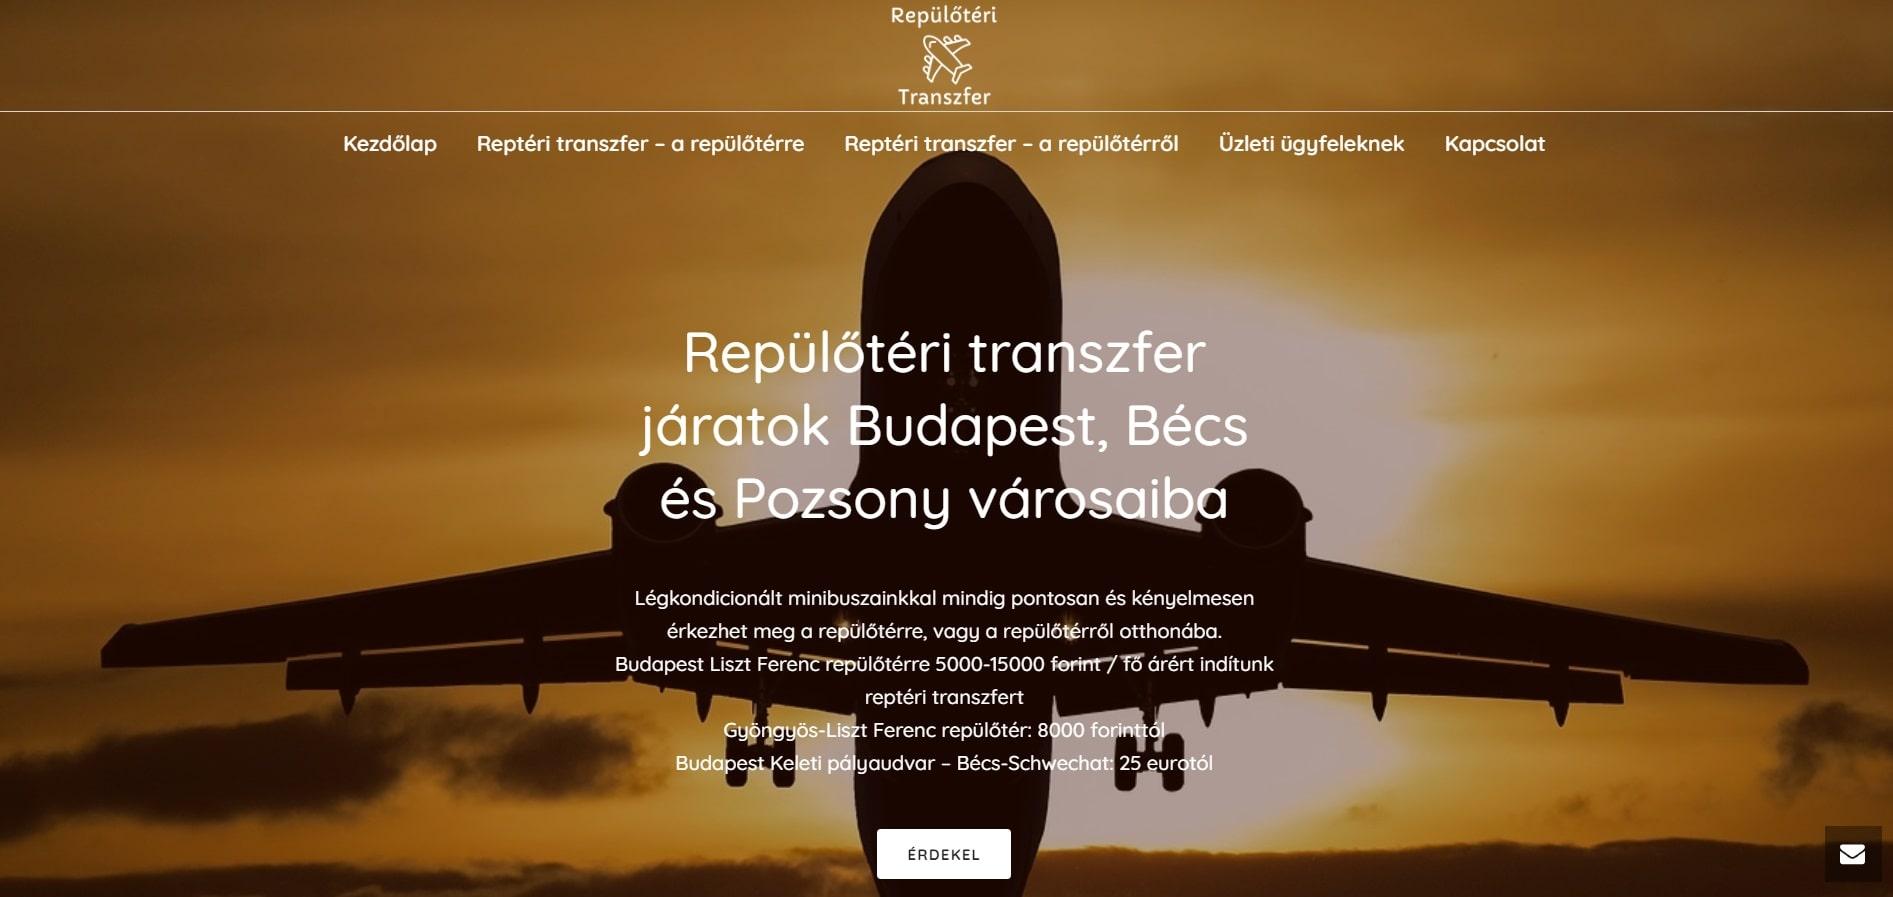 repülöteri-transzfer-honlakeszites-referencia